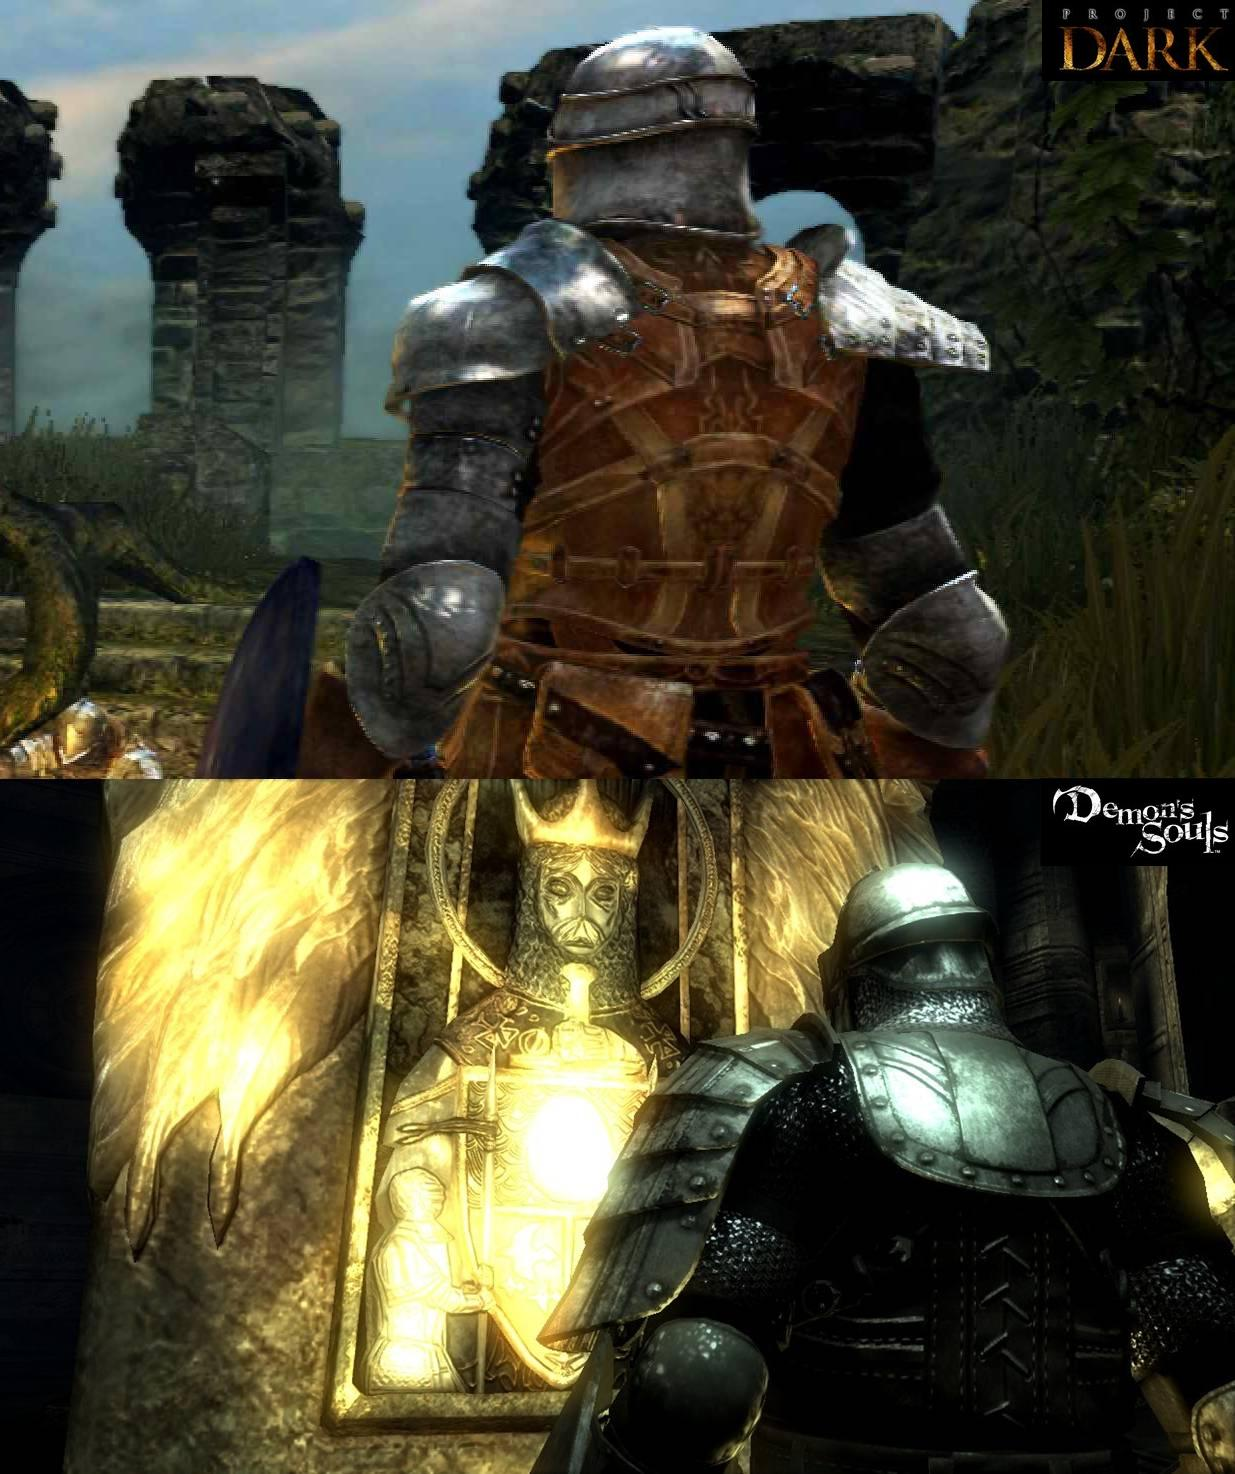 demons-soul-versus-dark-soul-behind-2